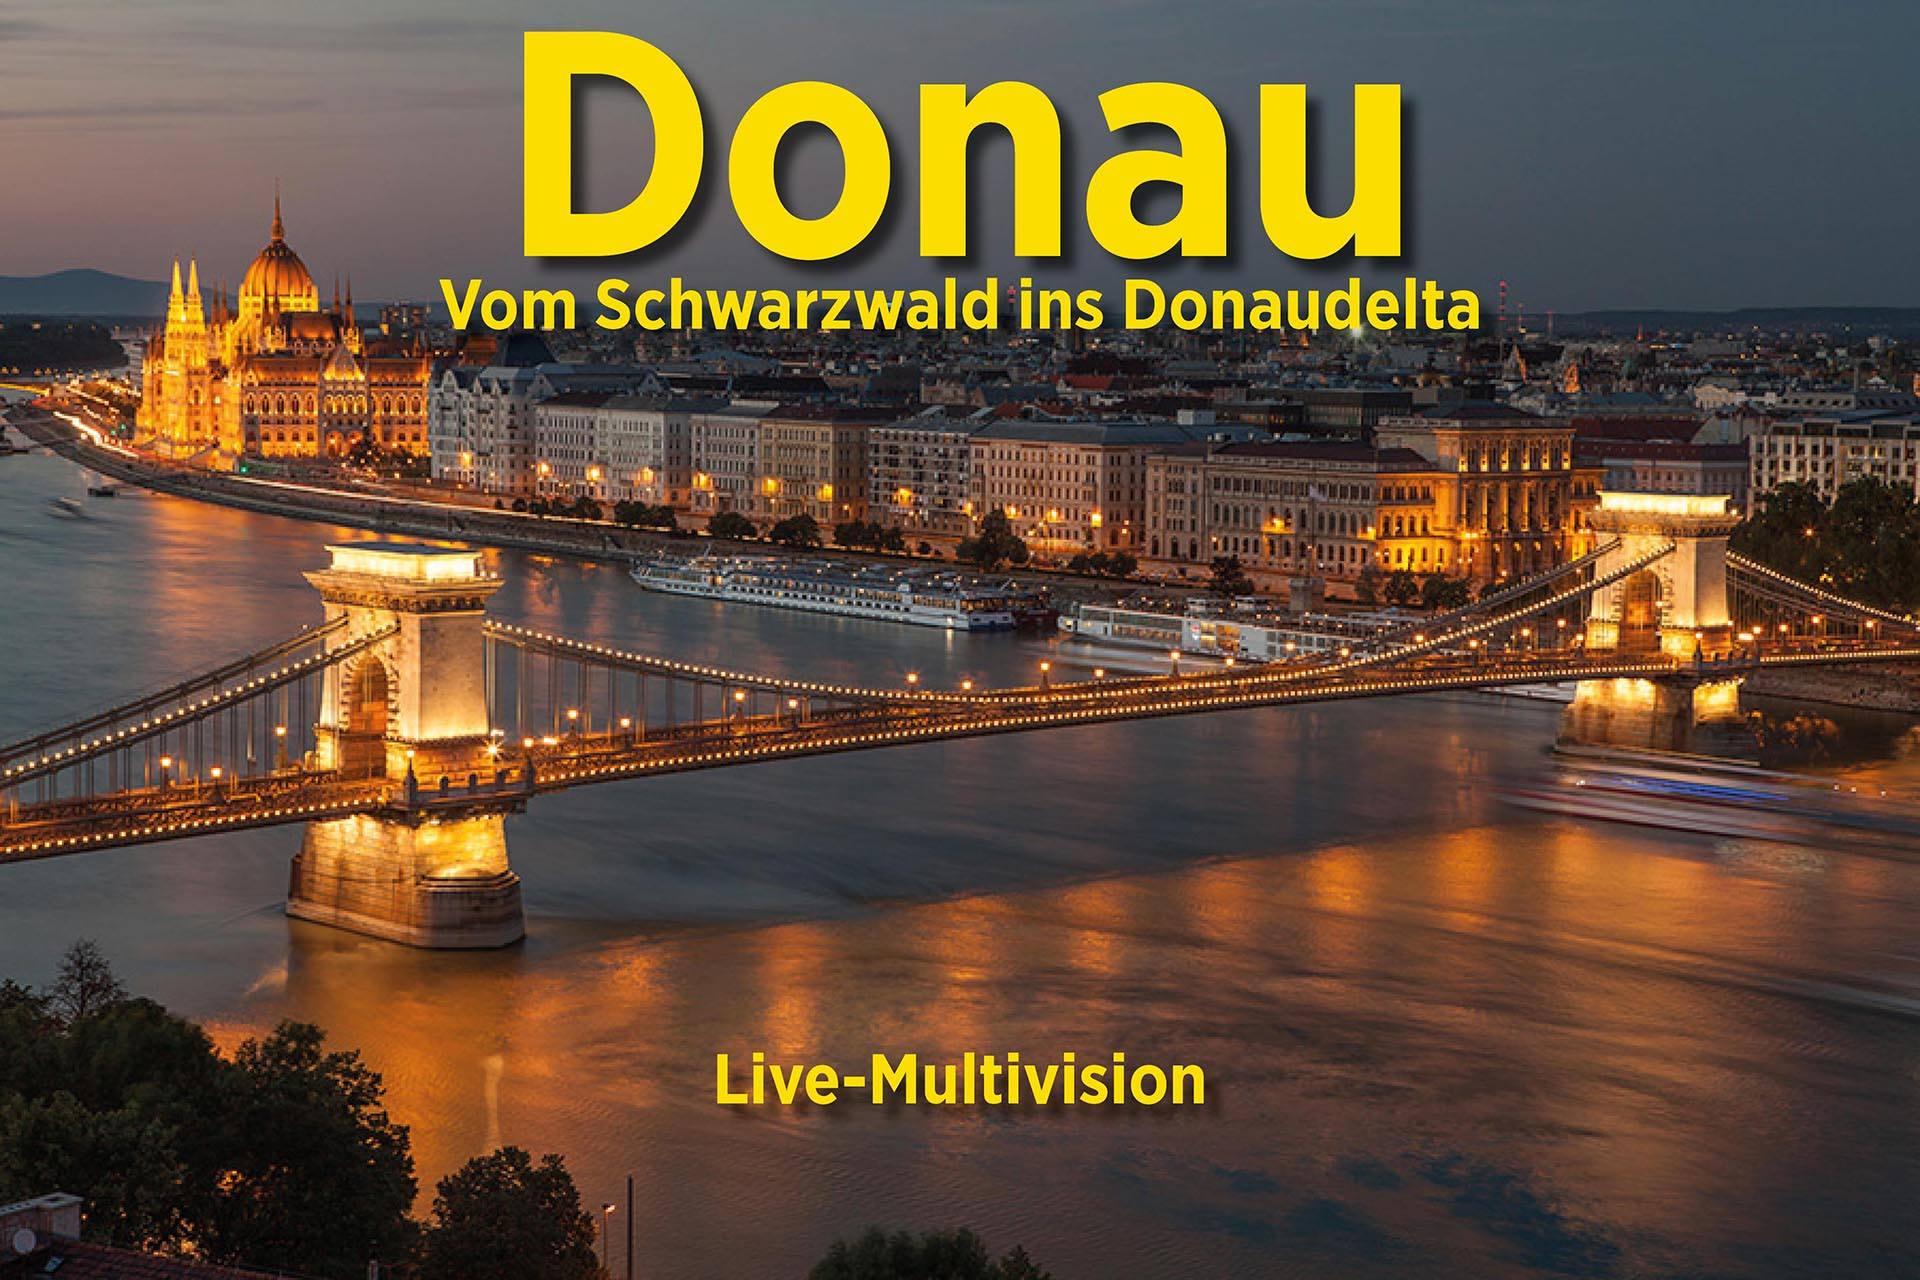 Multivisionshow Donau